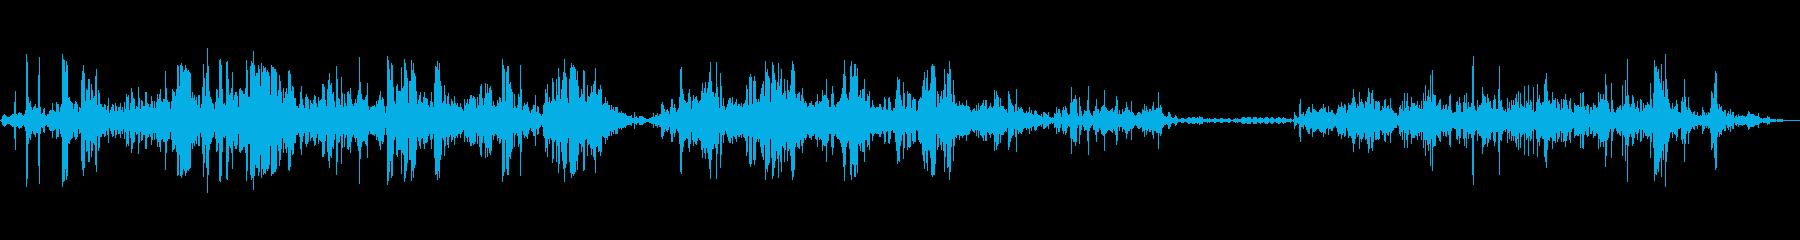 メタル、グラインド;金属研削盤内の...の再生済みの波形